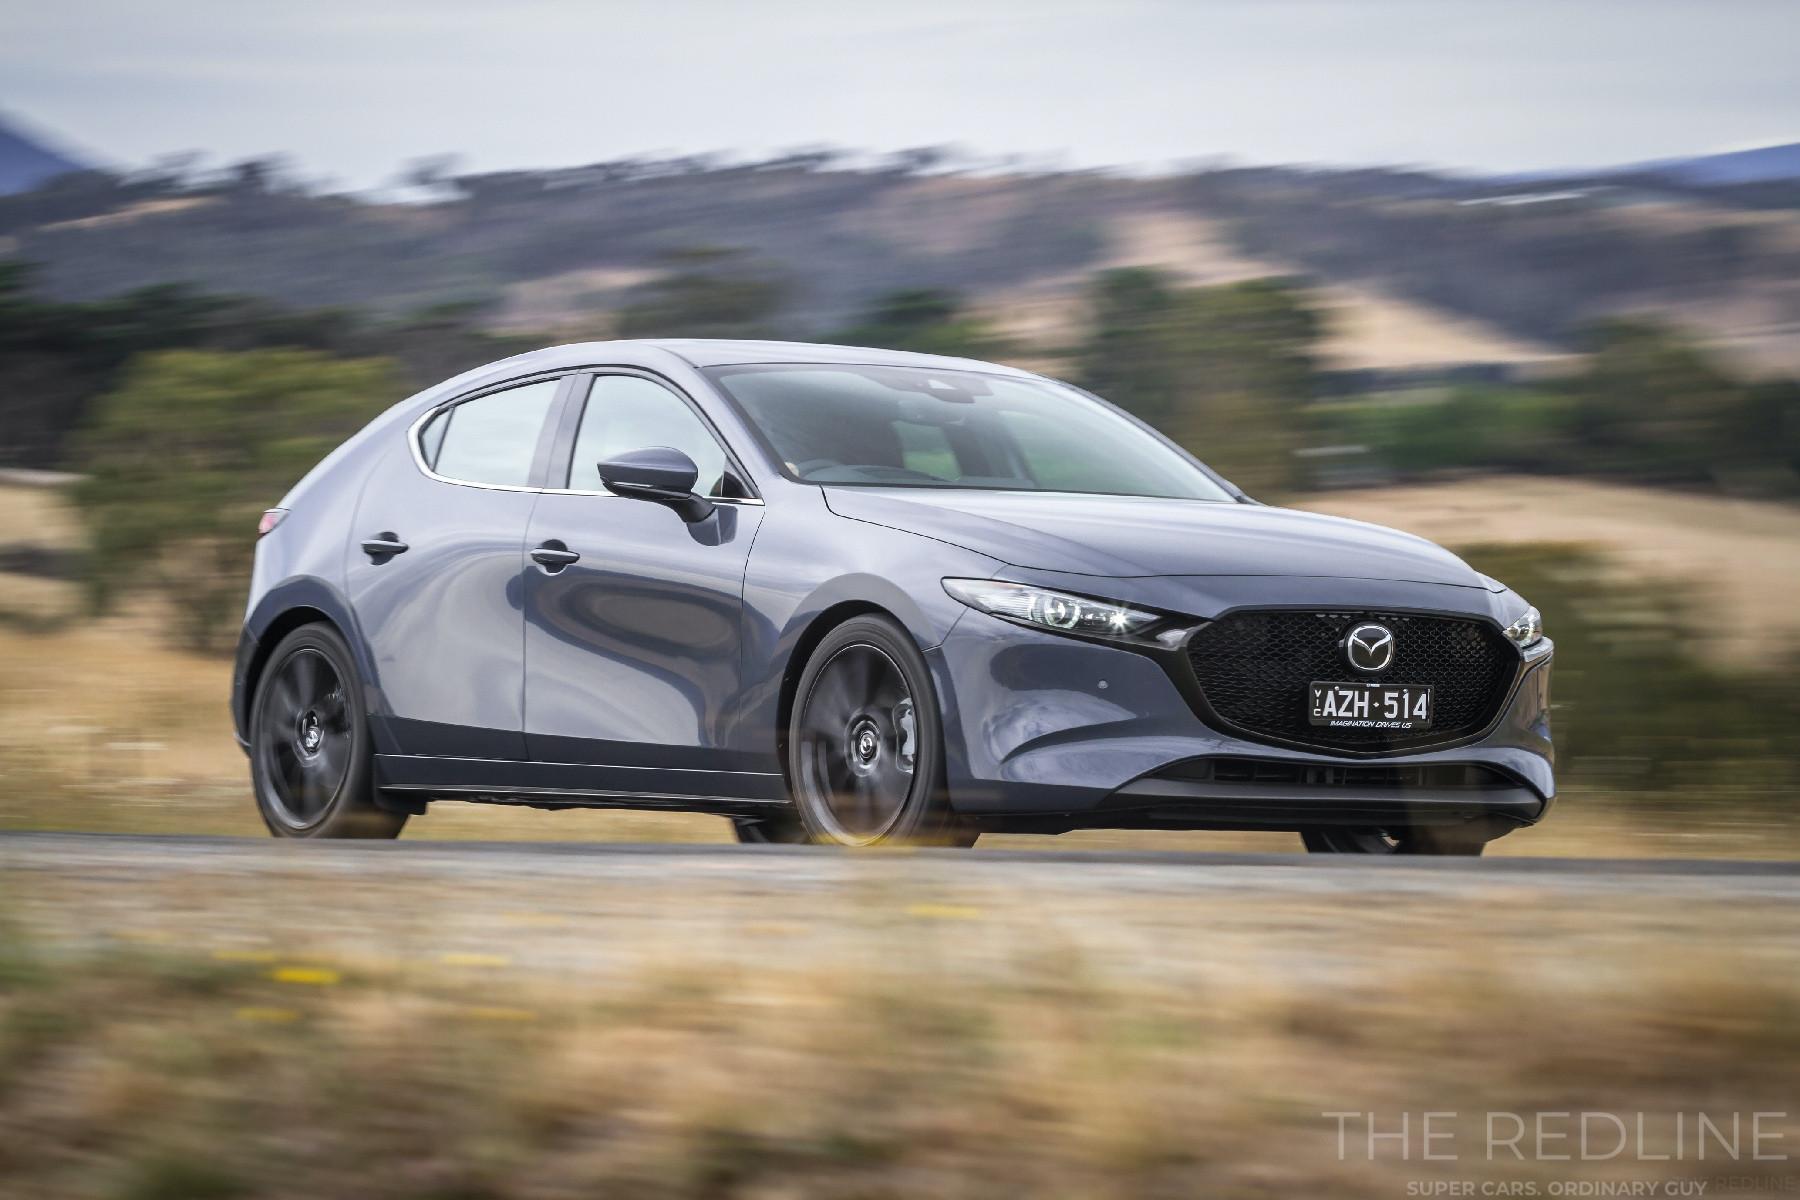 2019 Mazda 3 G20 hatch